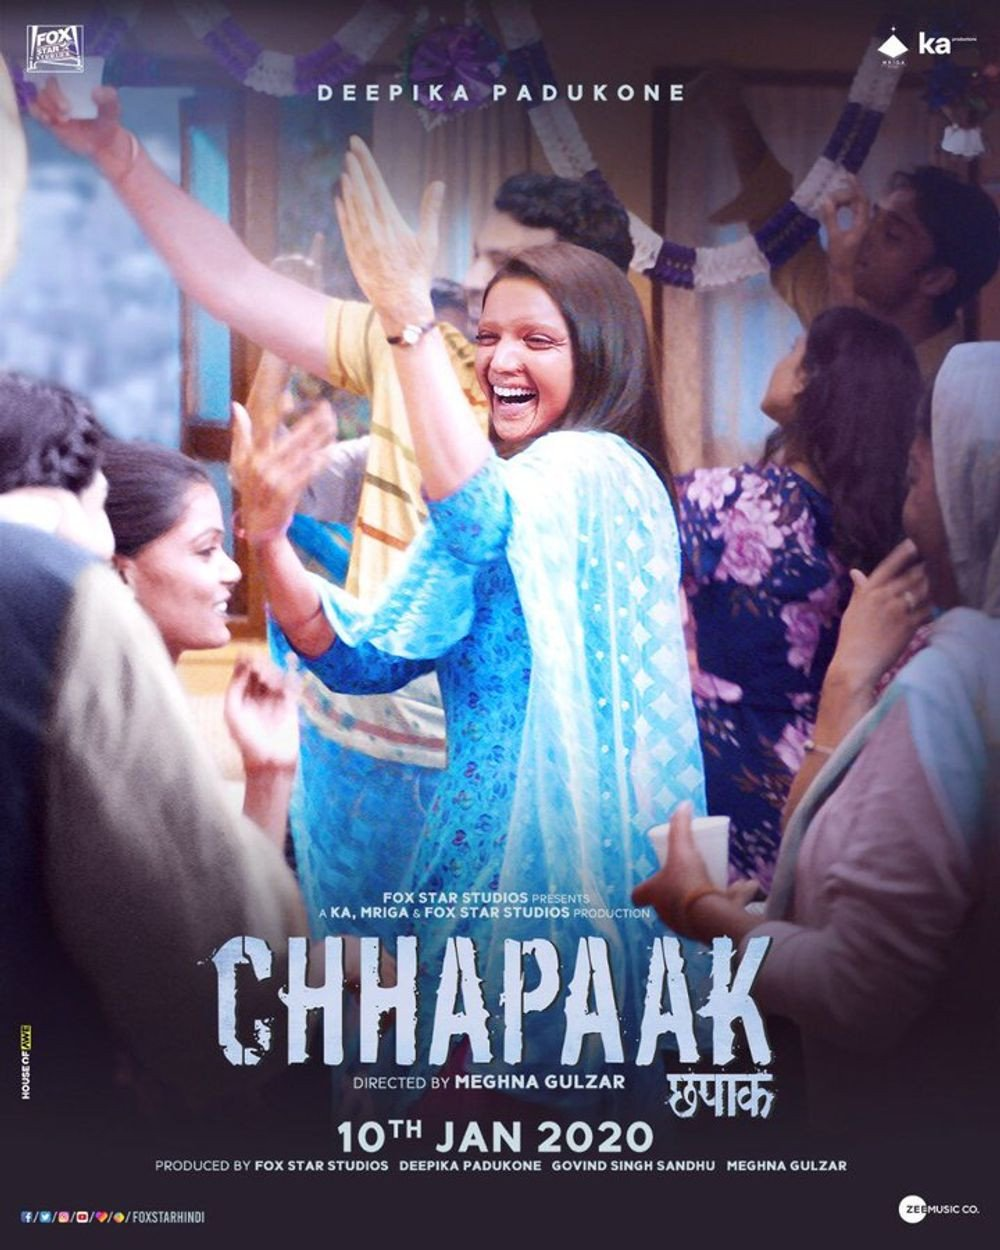 2-<p>Chhapaak</p>